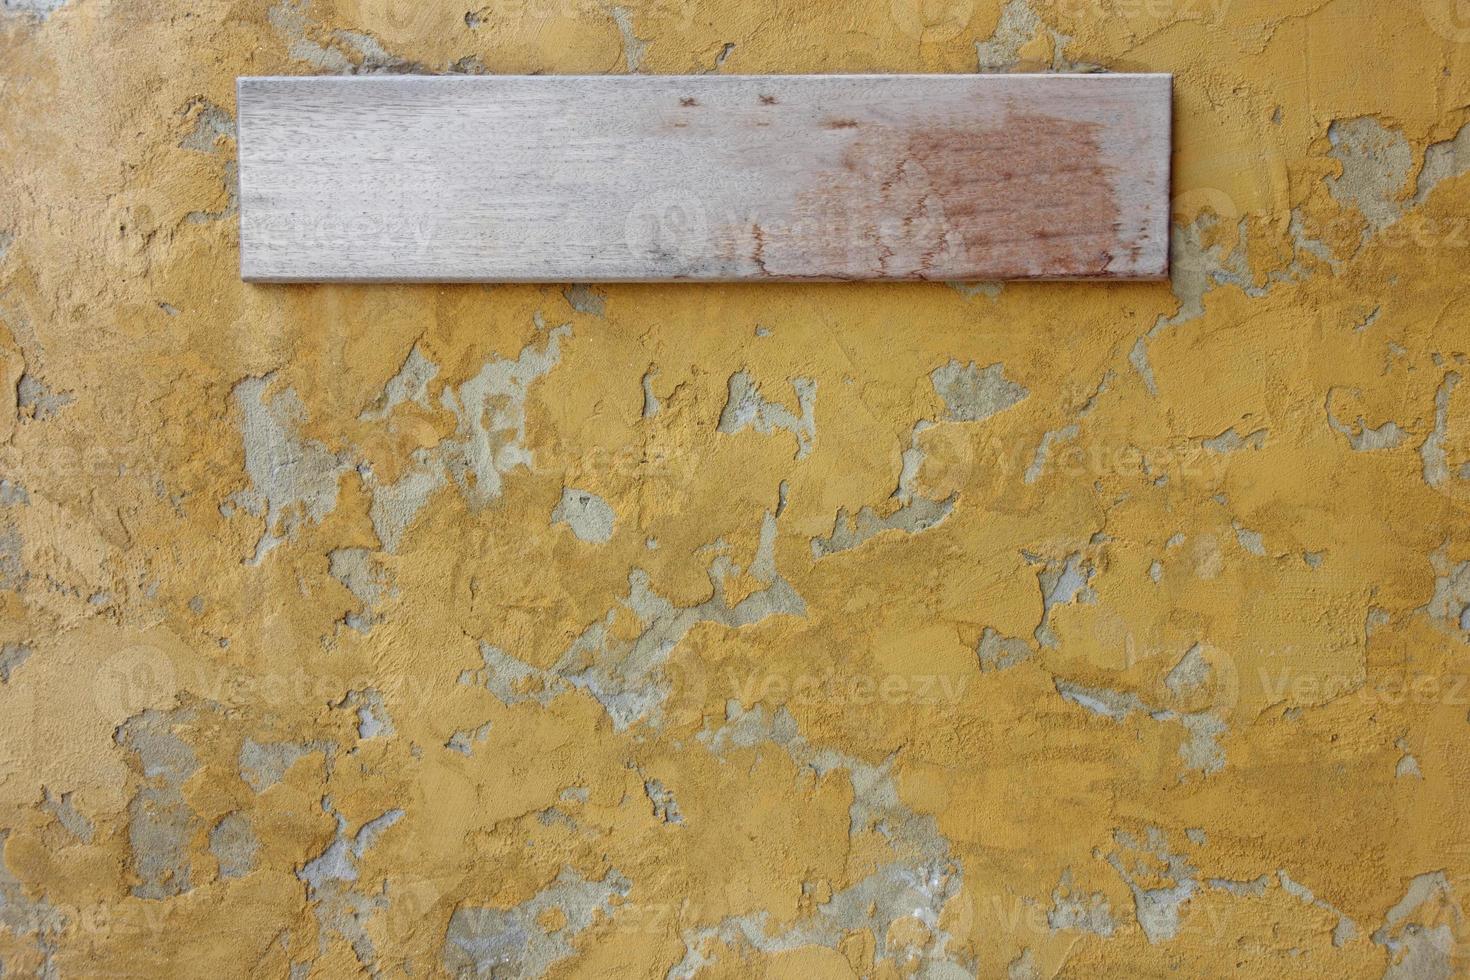 houten bord op betonnen muur. foto